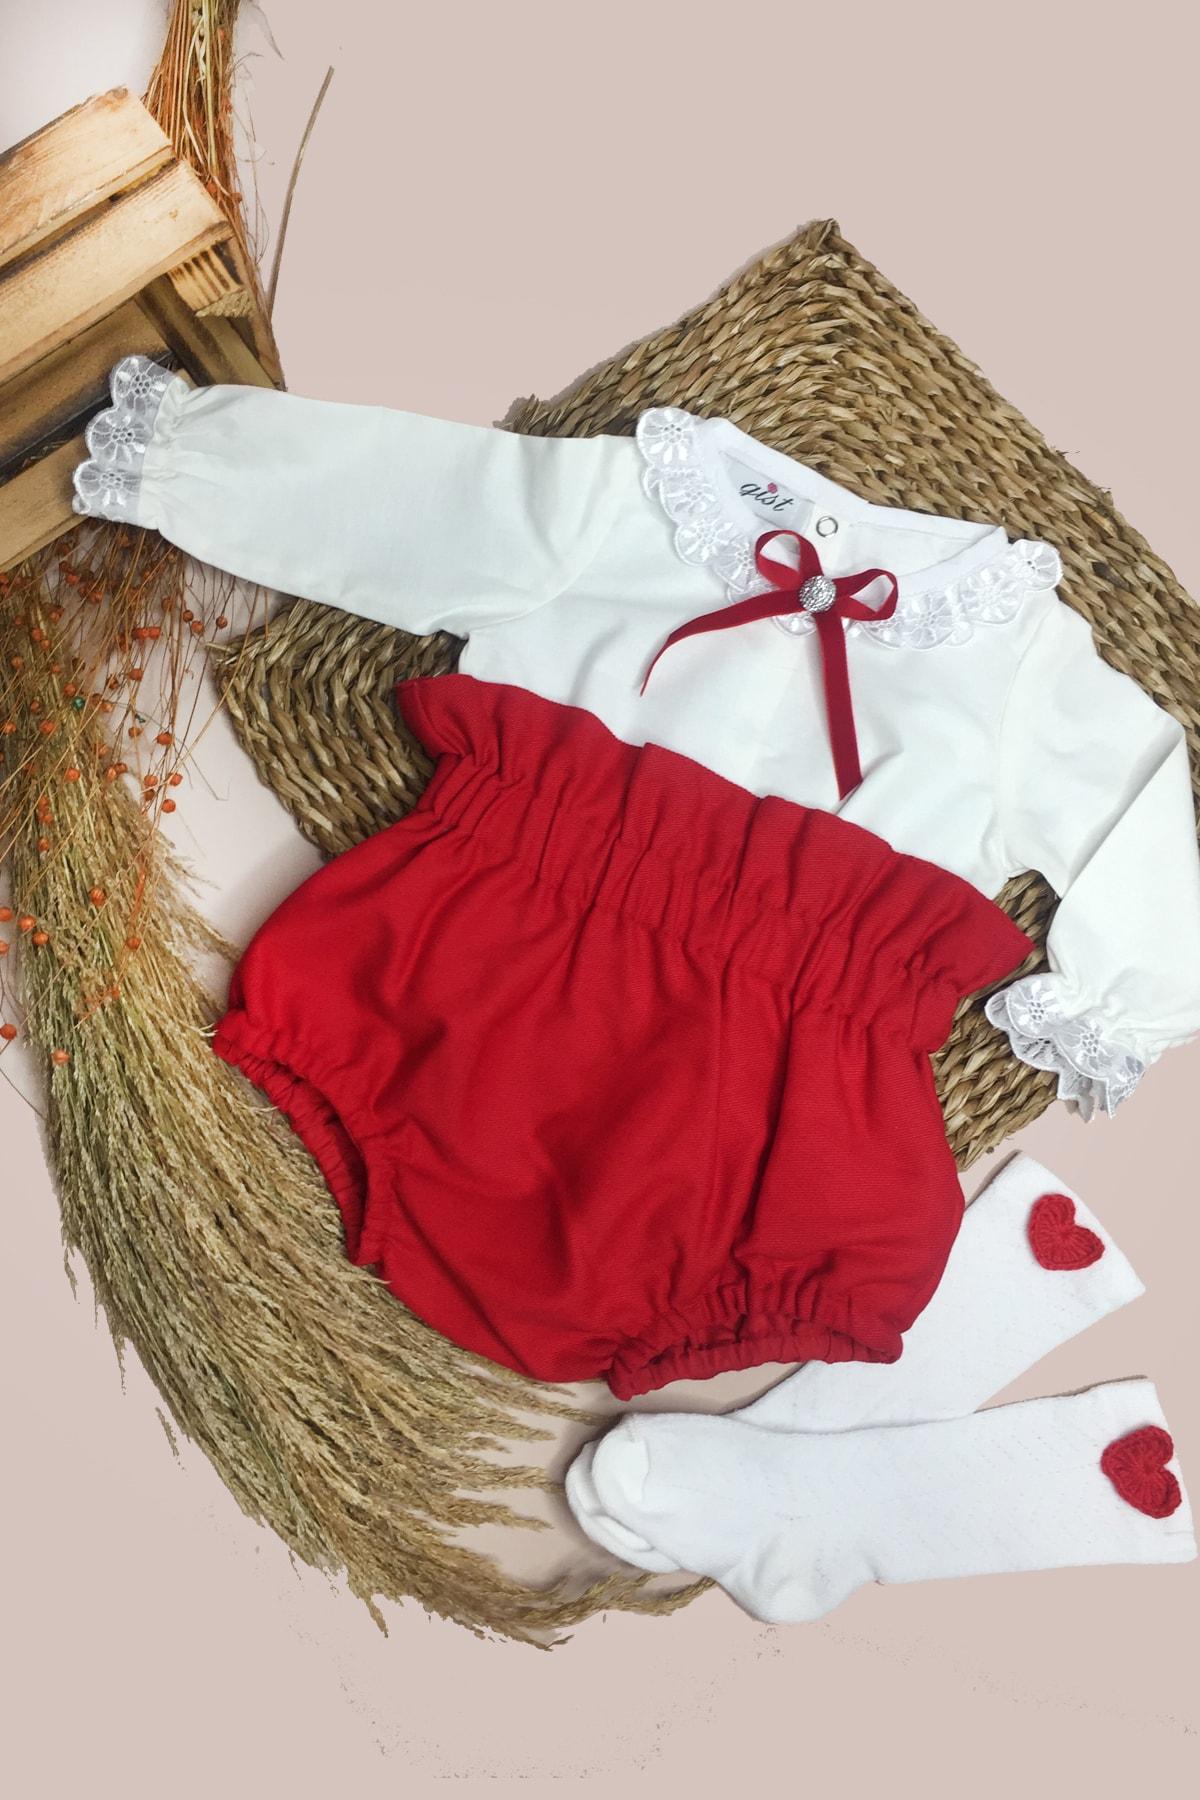 GİST Kız Bebek Kırmızı Gabardin Romper Beyaz Yakası Kolları Dantel Detaylı Bluz Takım 2